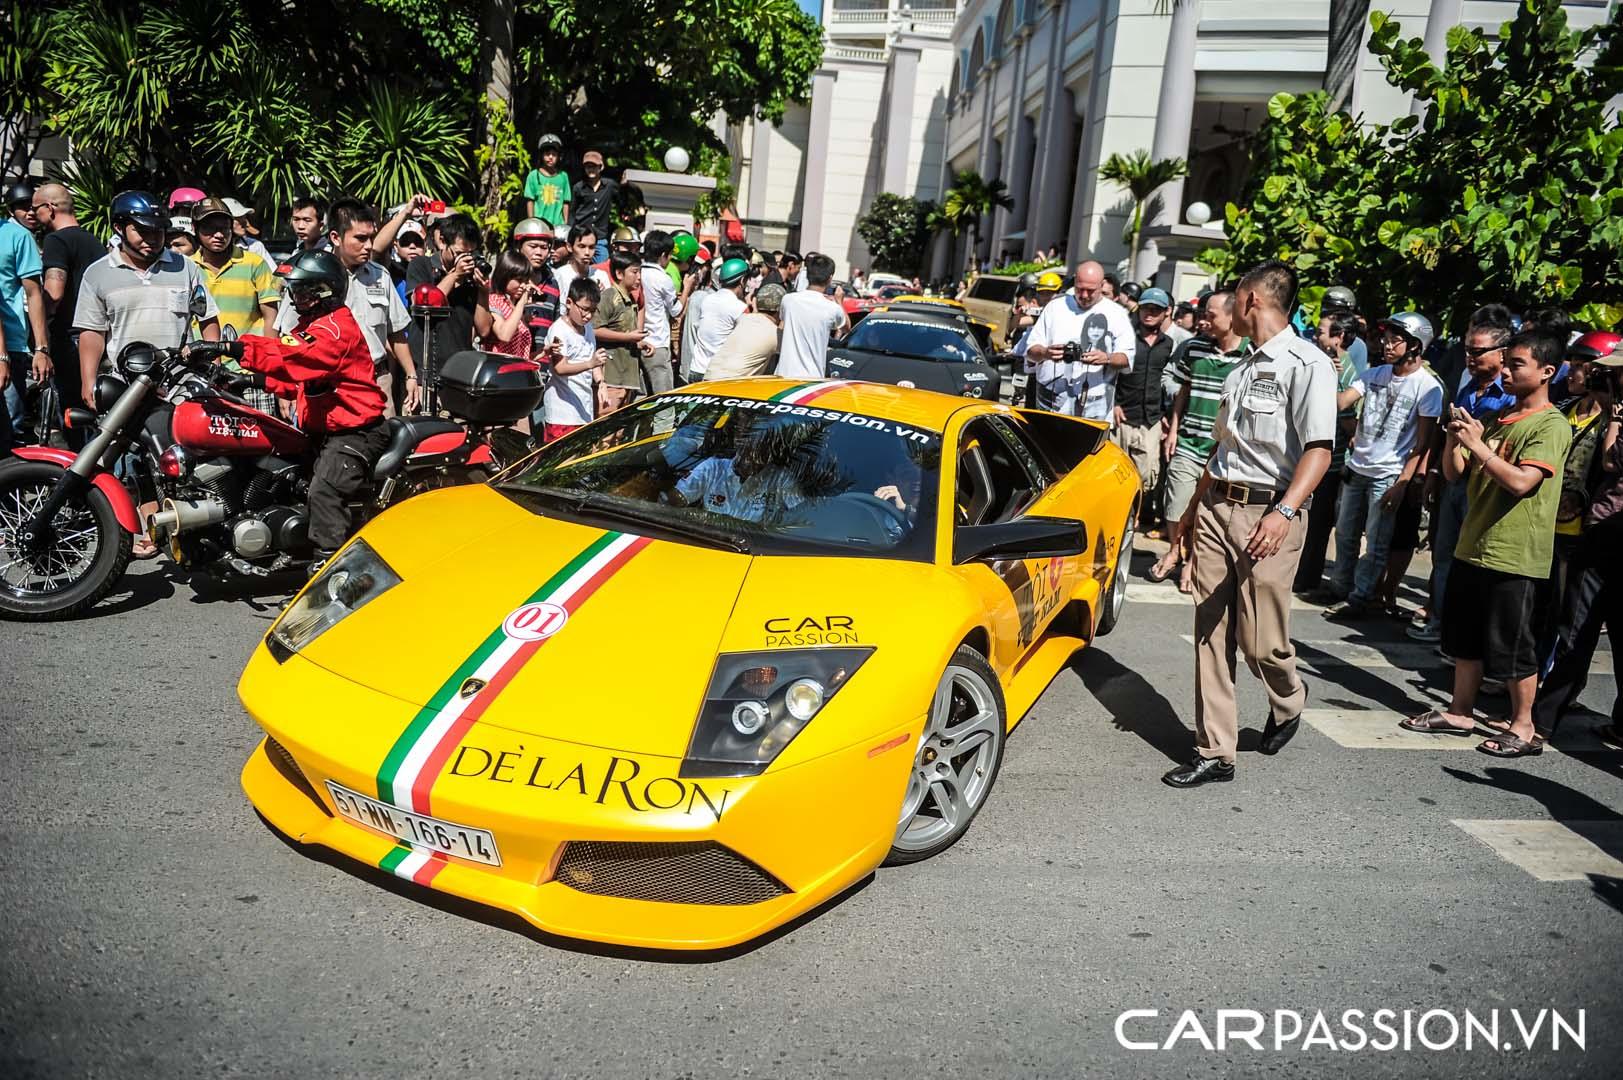 CP-Hành trình siêu xe CarPassion 2011 Day 3 (20).jpg